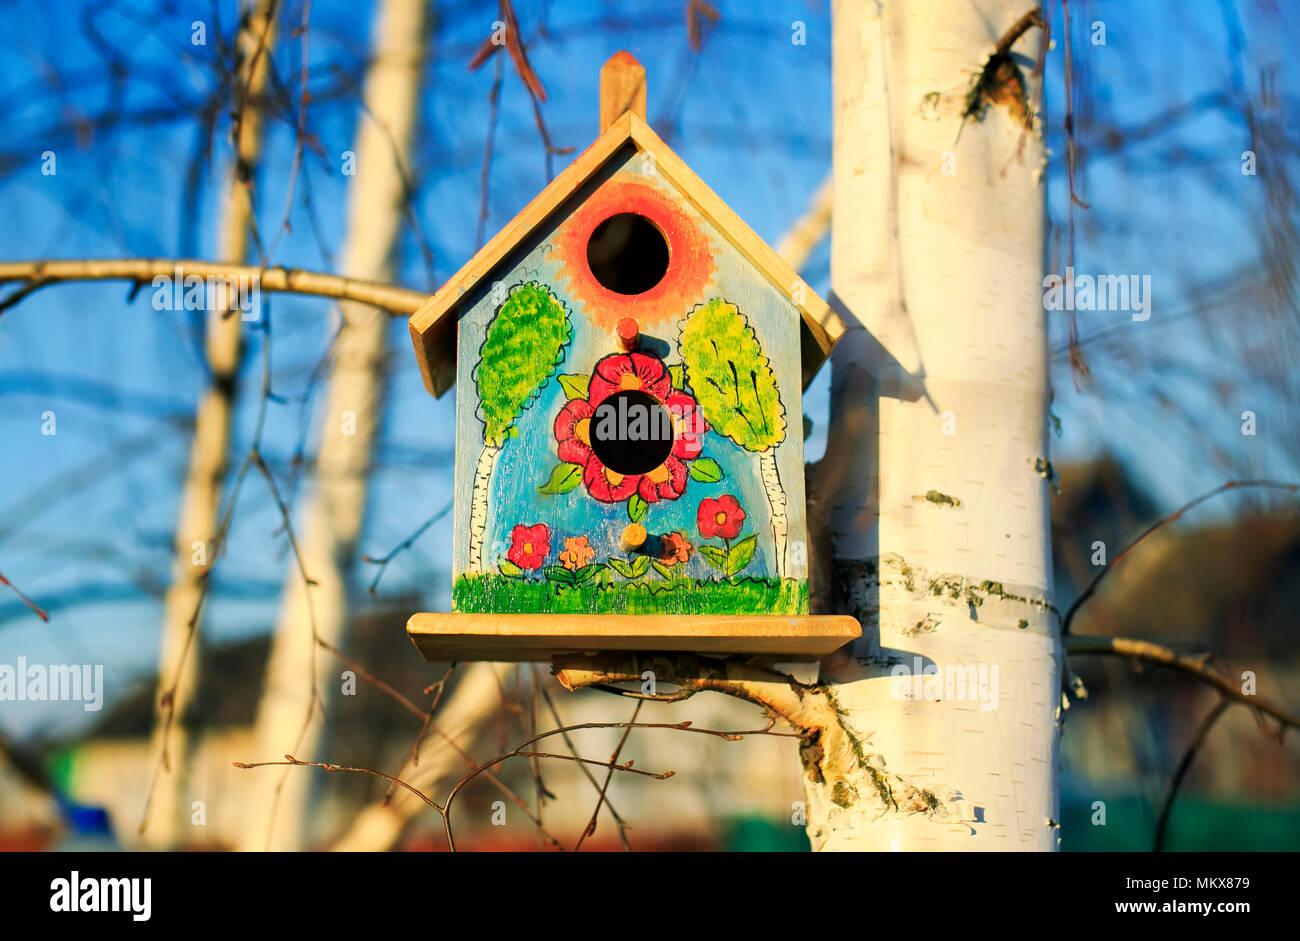 Hermosa casa de pájaros pintados casita para aves colgando de abedul en  spring garden 5803389a512